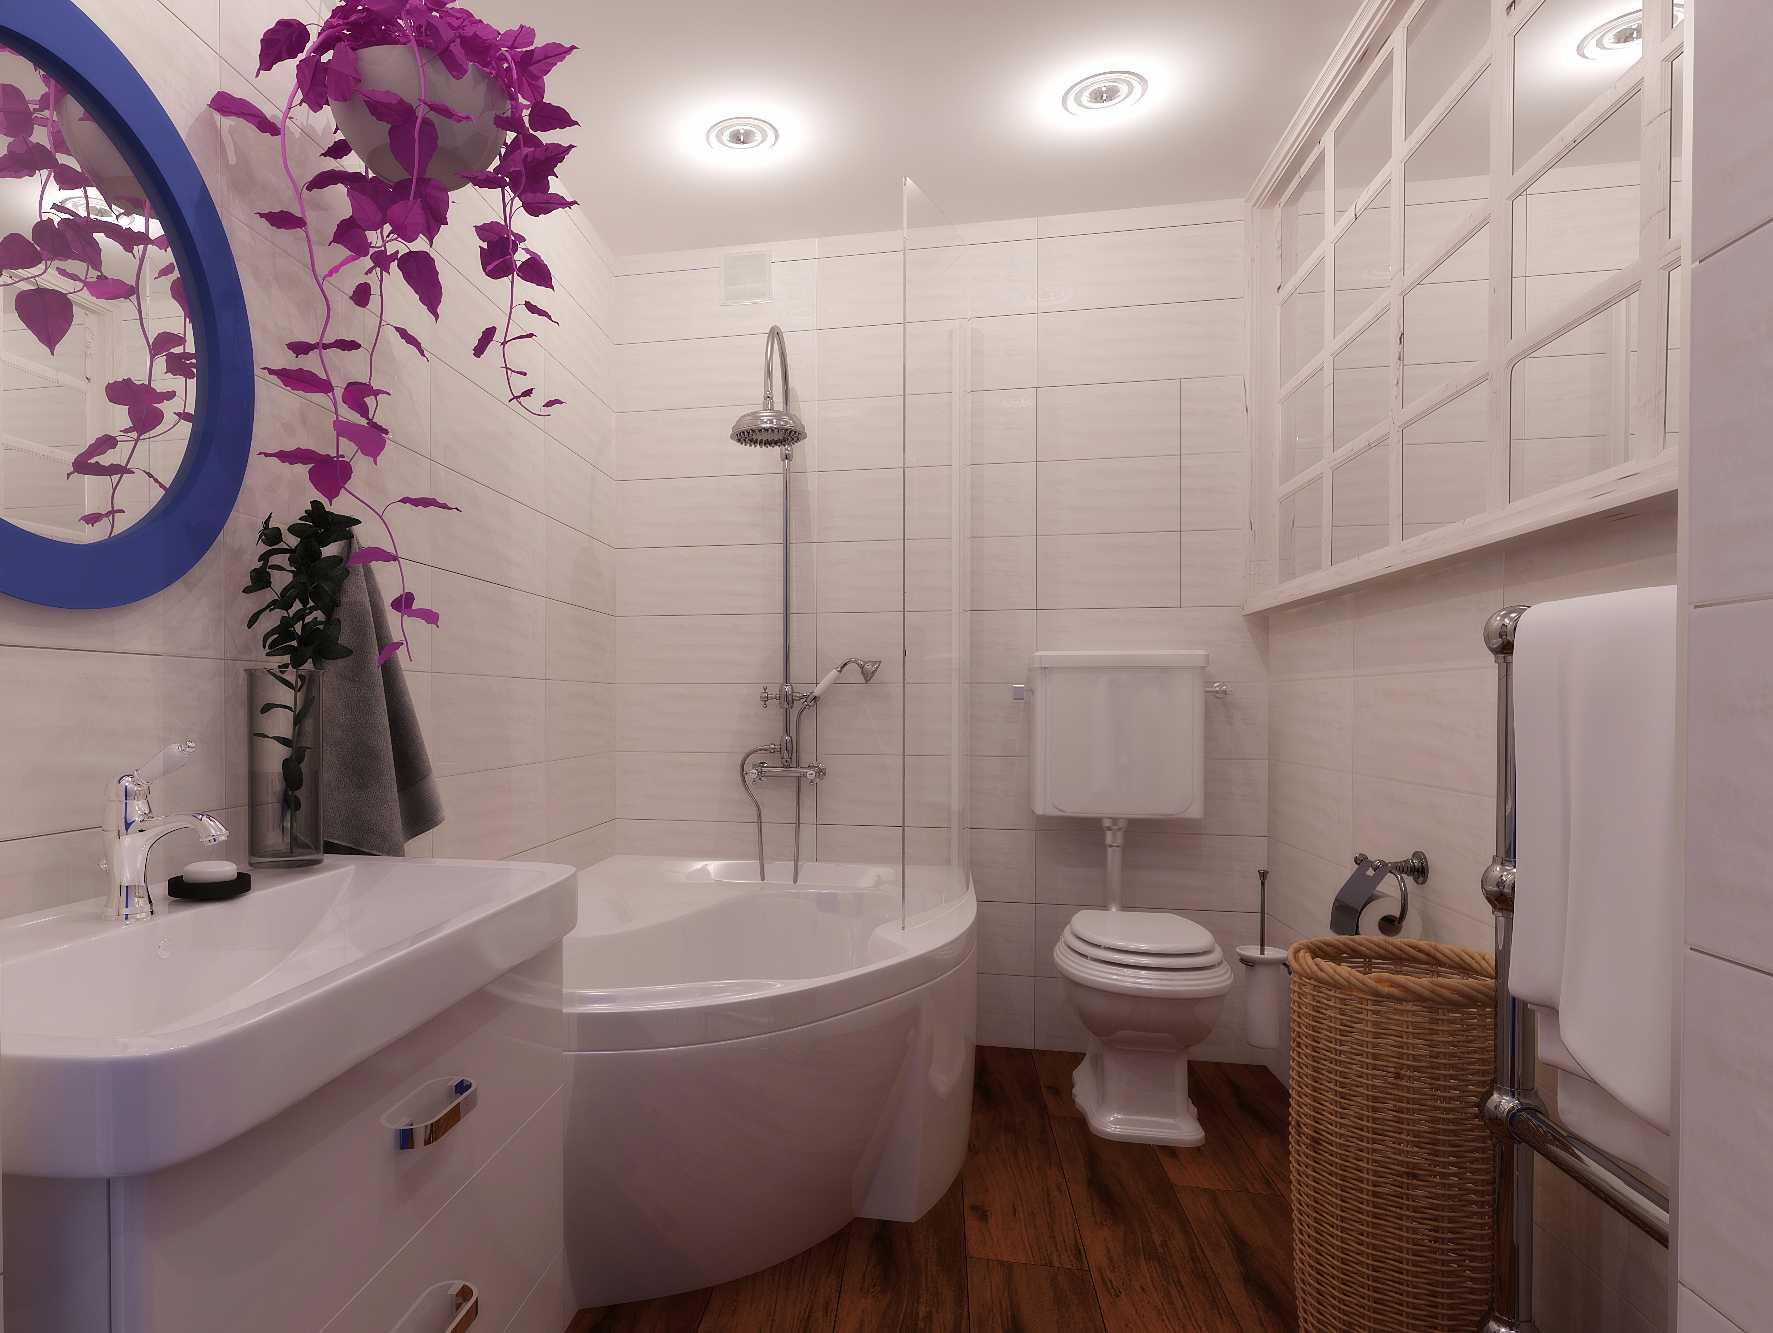 Как сделать санузел с сидячей ванной удобным и красивым